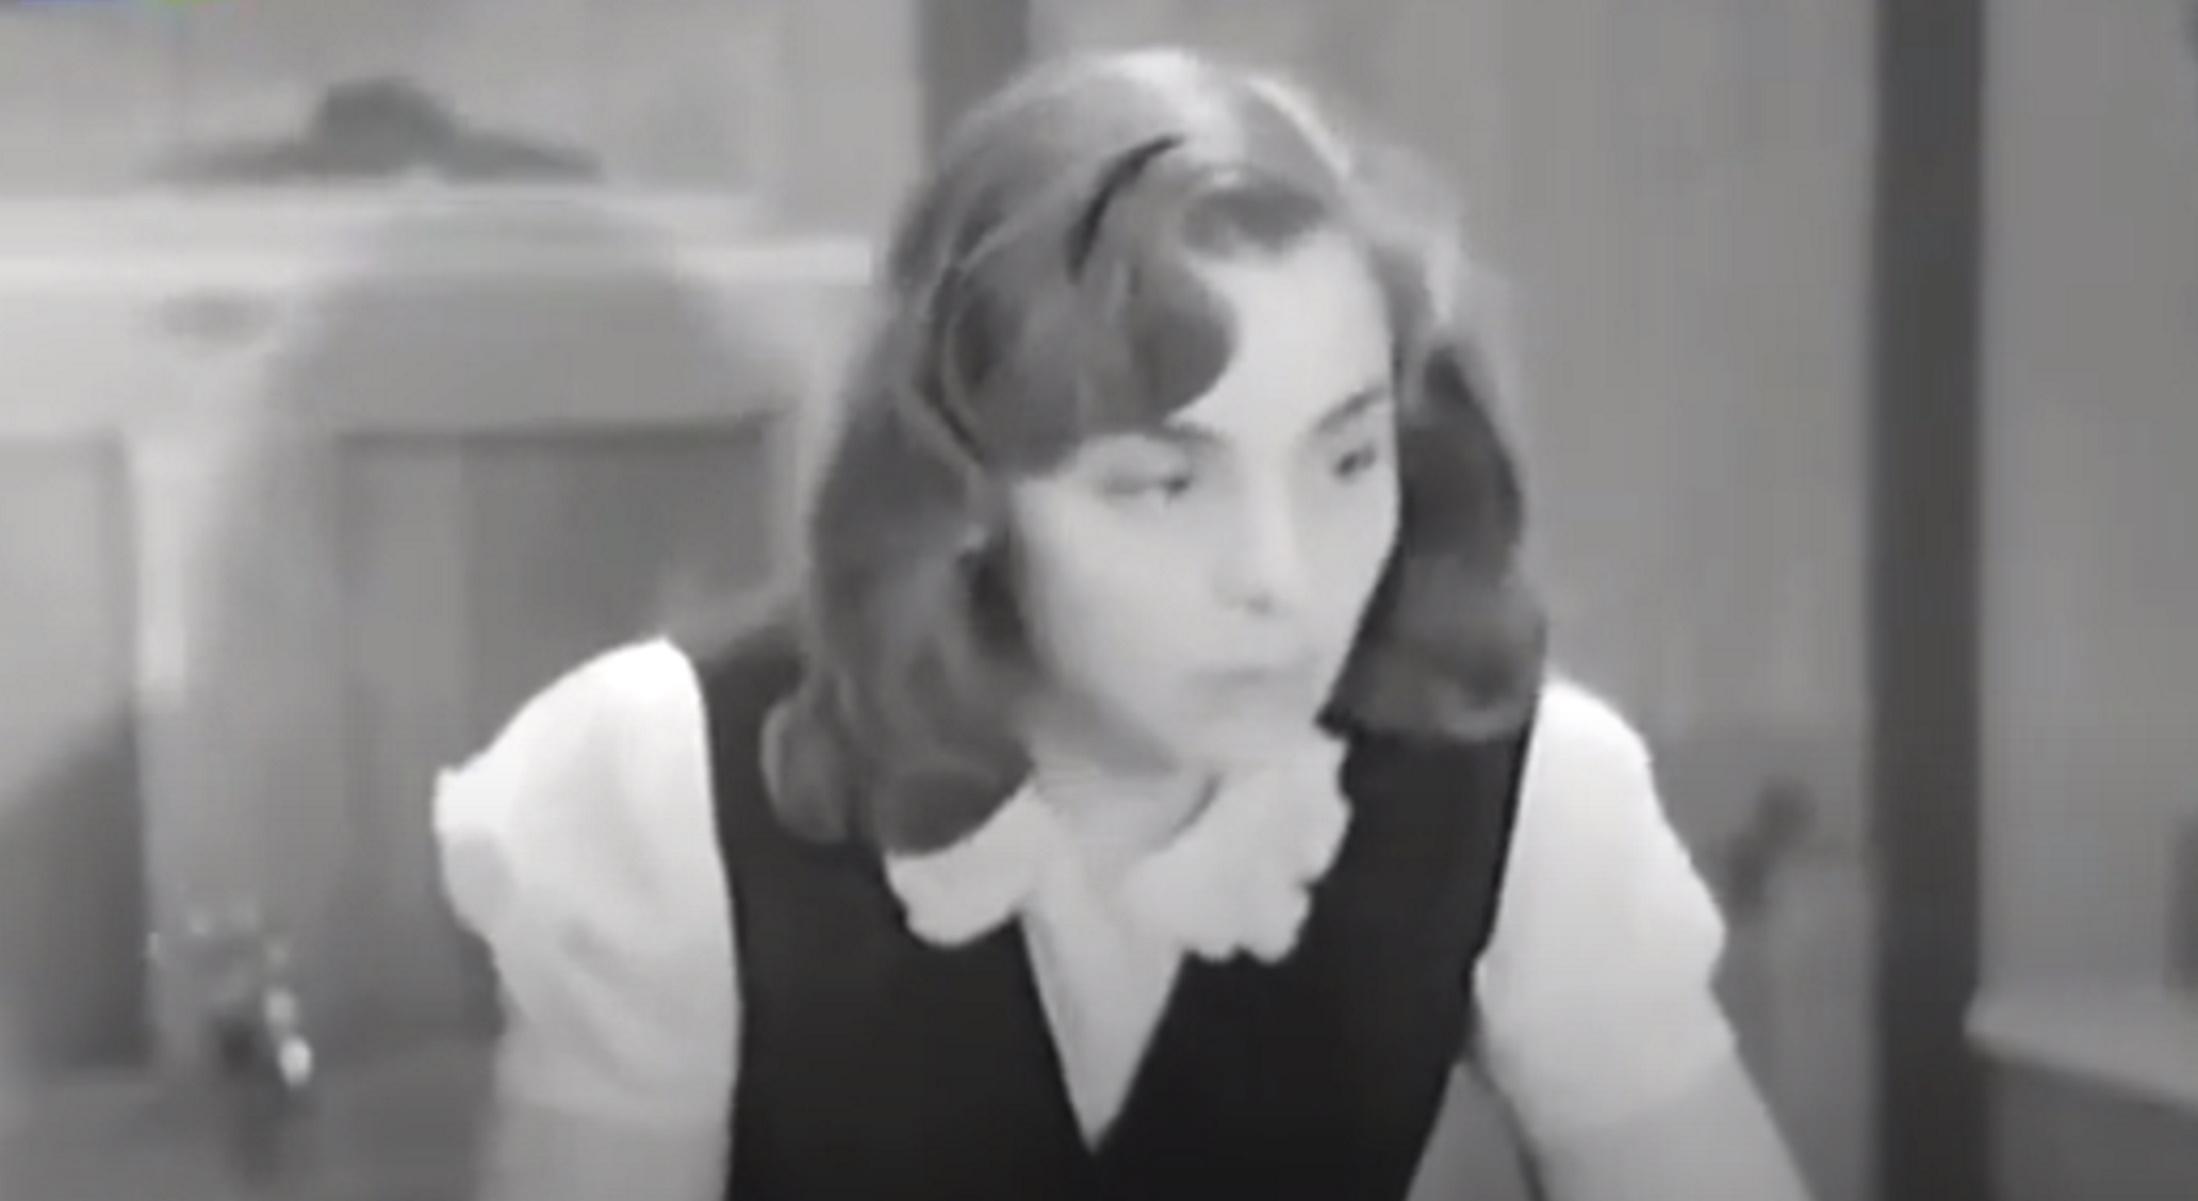 Πέθανε η ηθοποιός Δάφνη Σκούρα